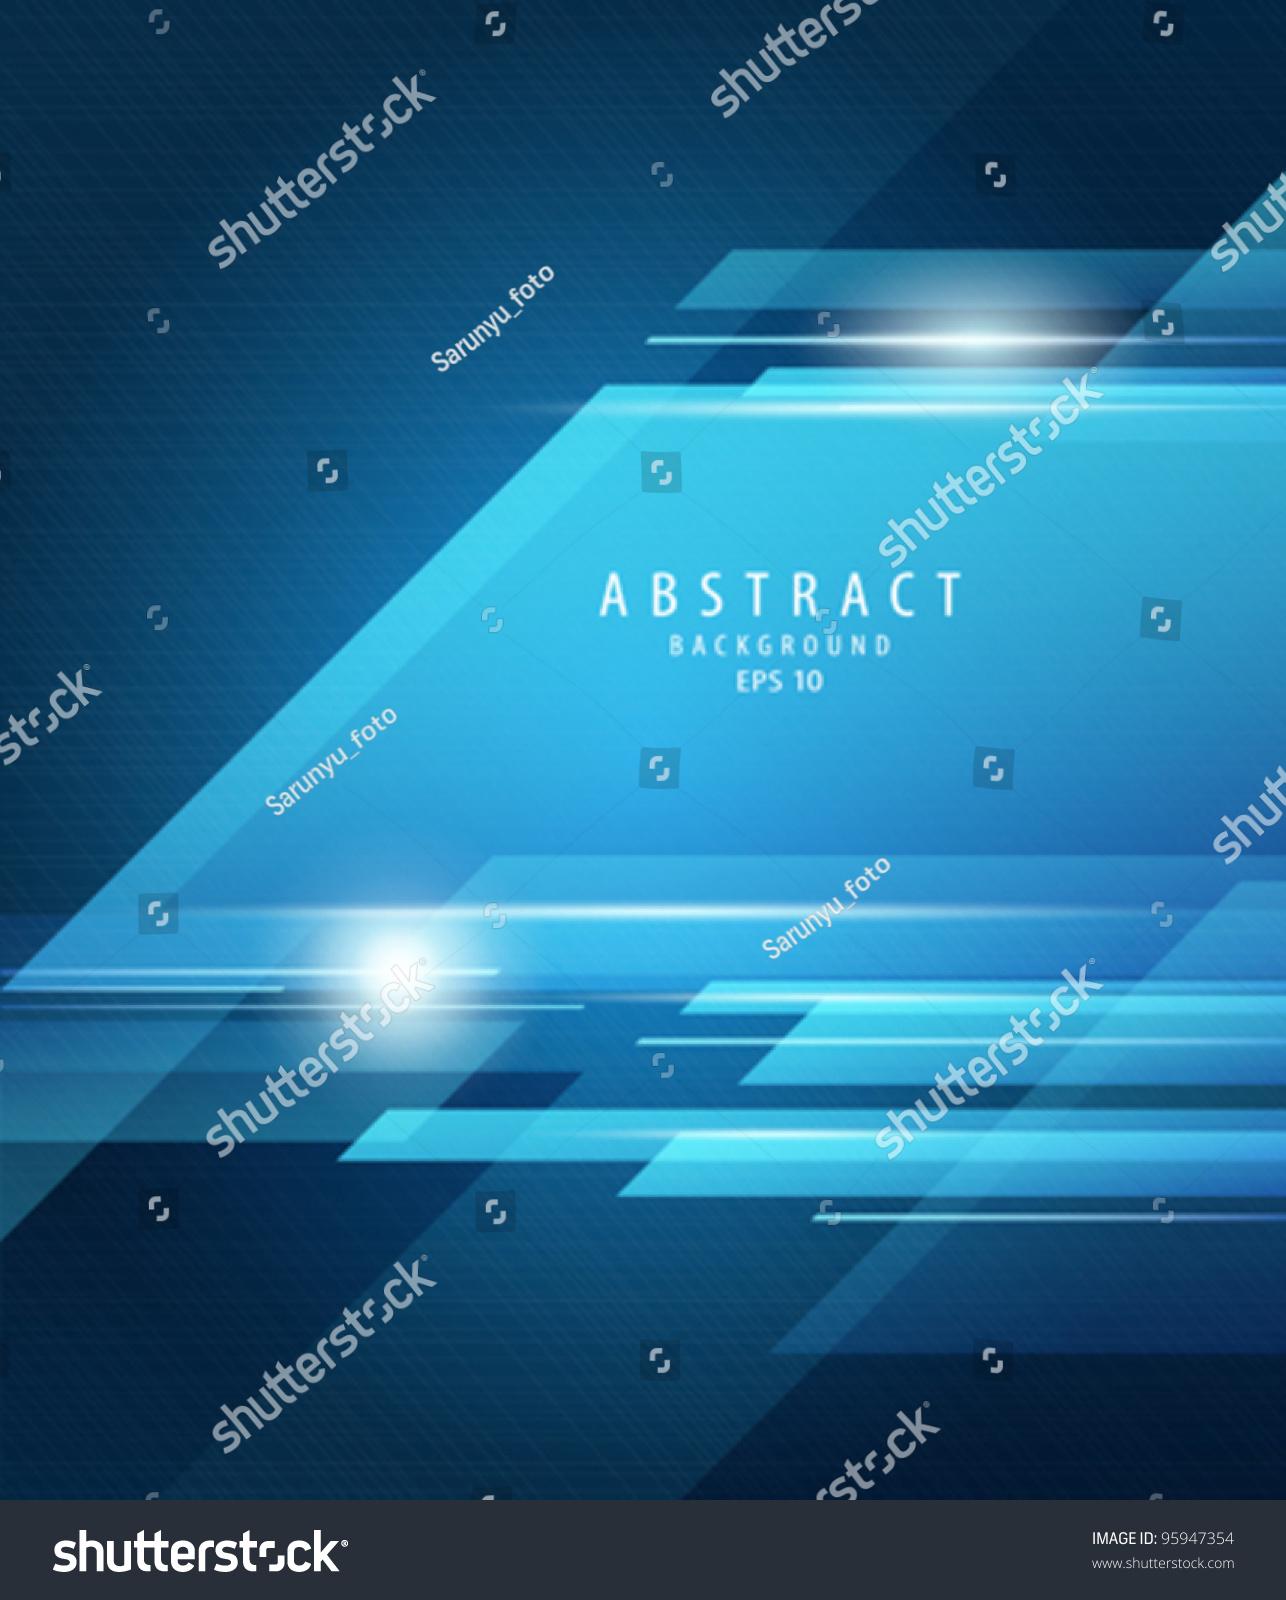 摘要向量蓝色透明背景说明-背景/素材